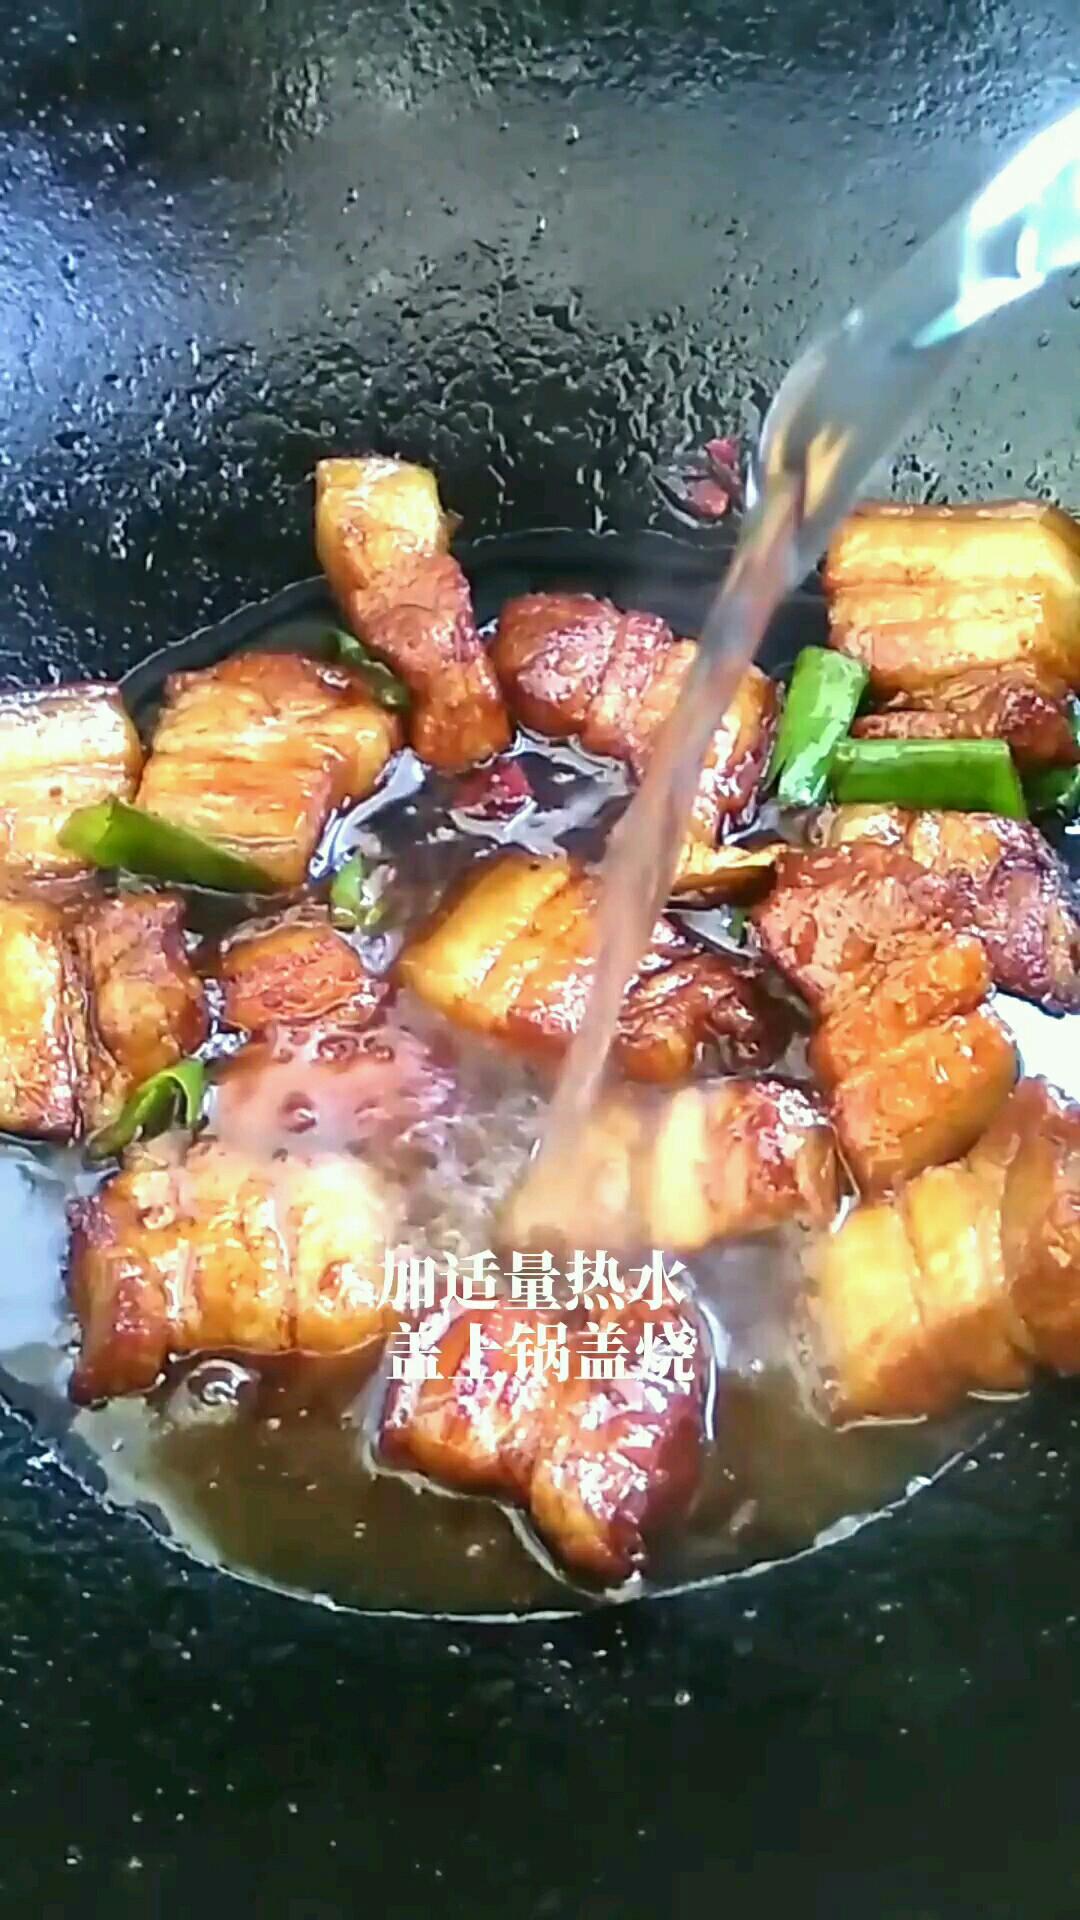 散发着香气的五花肉太诱人怎么煮